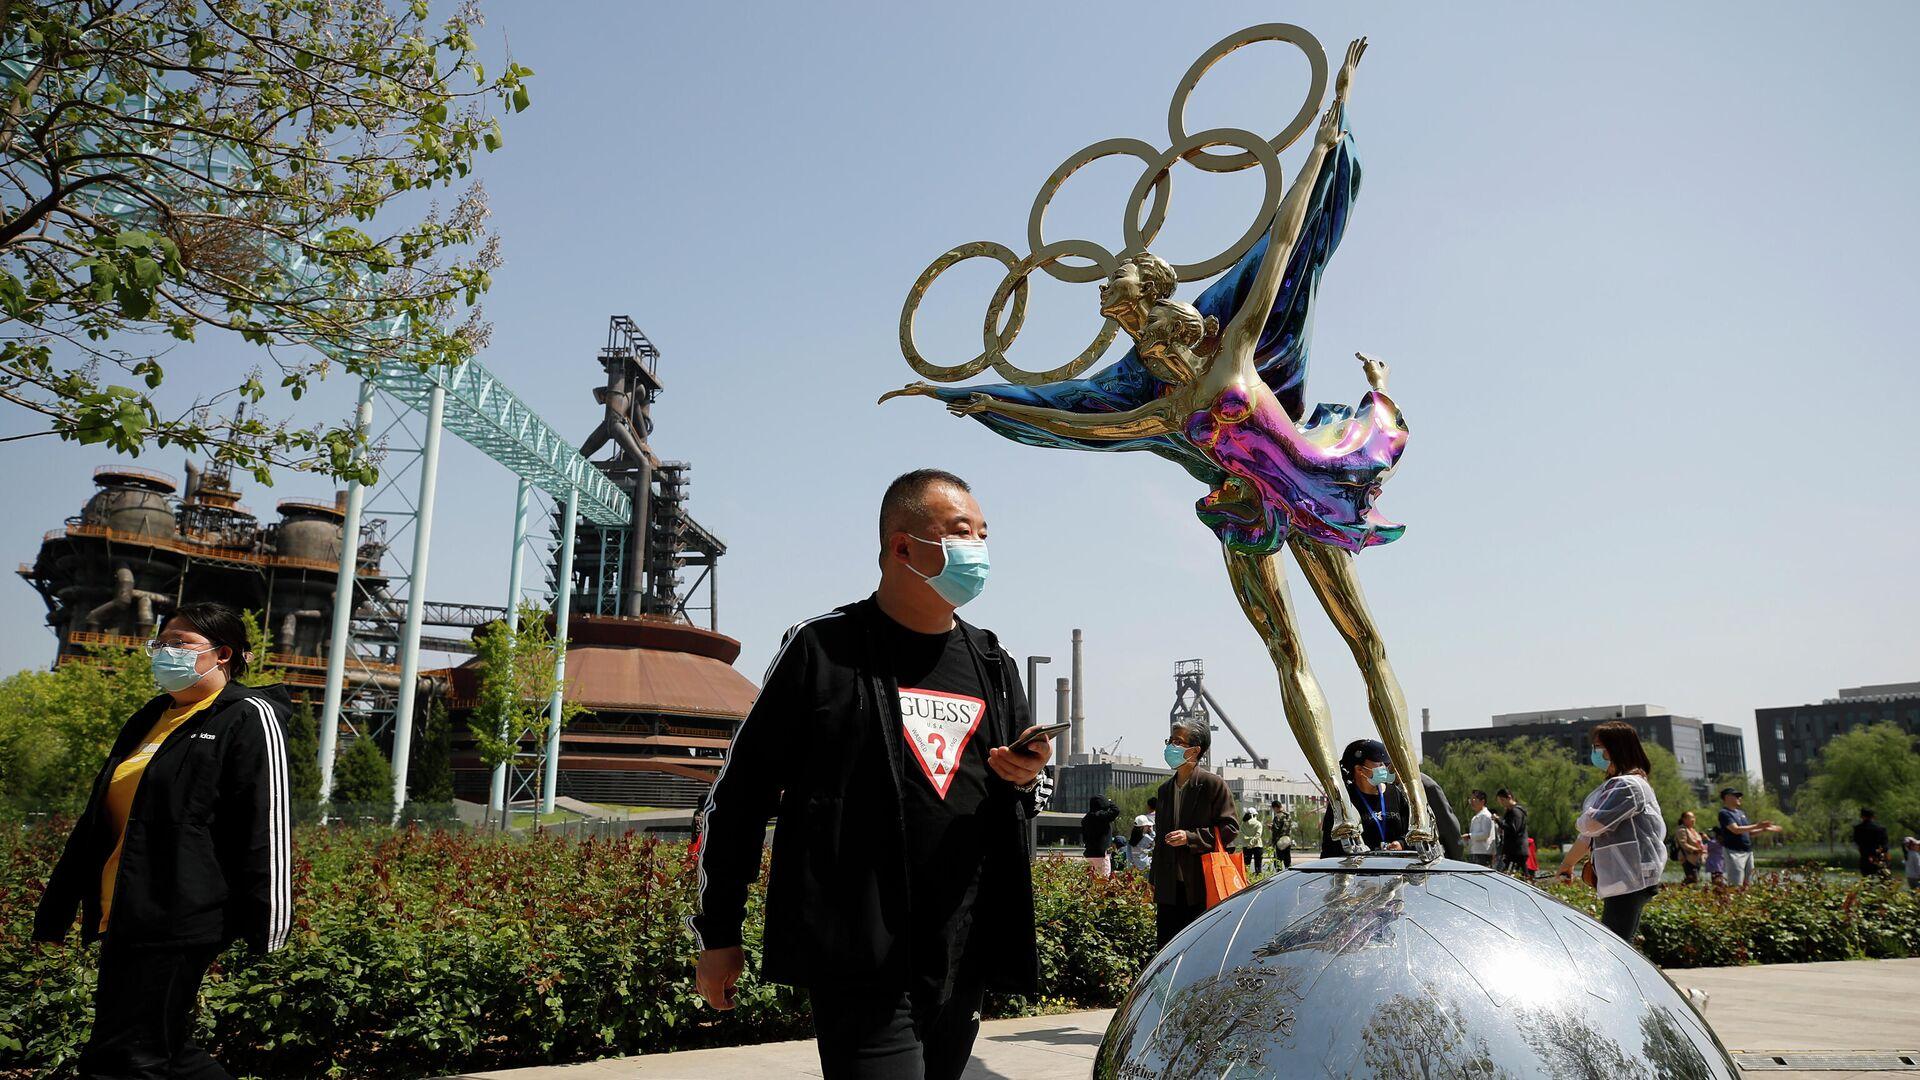 Посетители в защитных масках в парке Шуганг в Пекине - РИА Новости, 1920, 17.07.2021